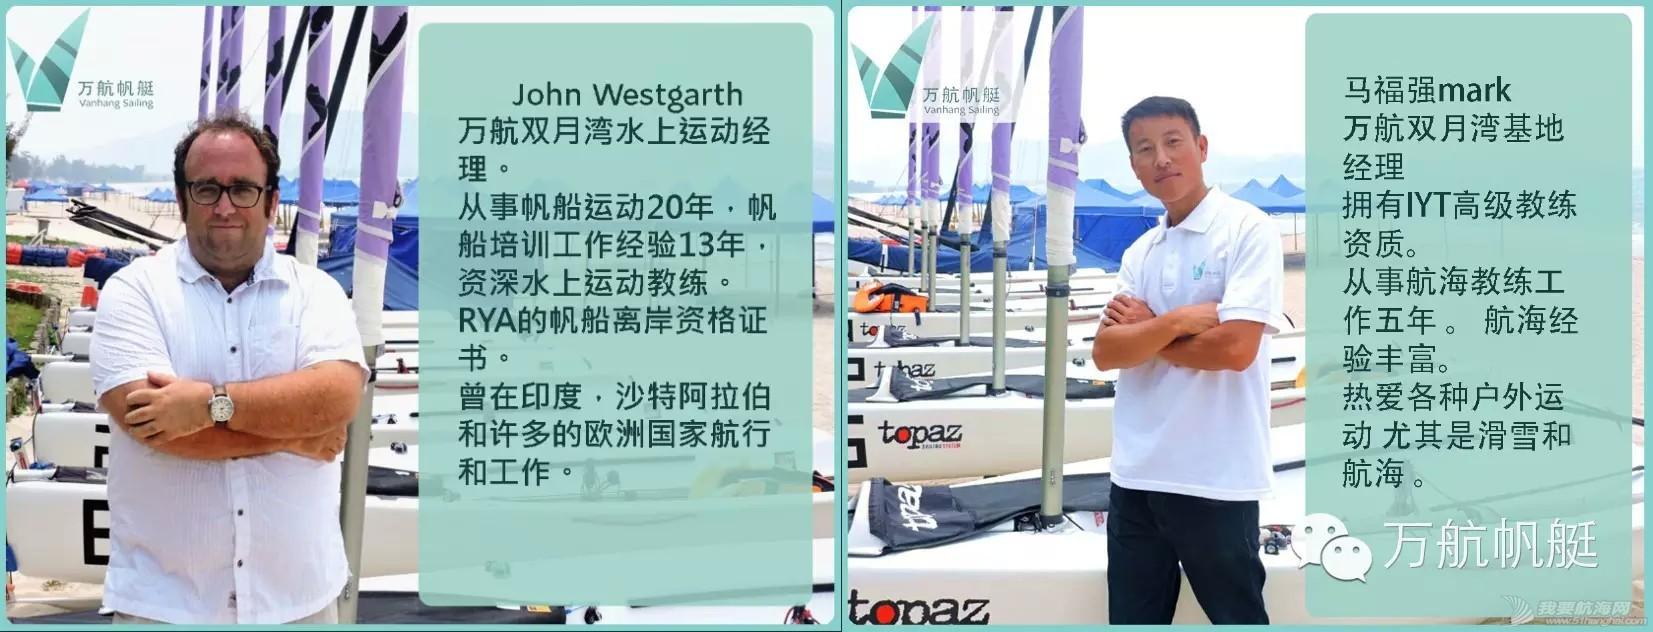 夏令营 2015年深惠航海夏令营之七   惠东海虹湾子熬航海夏令营 319432394eccd9a23fb37544b0bb75f3.jpg